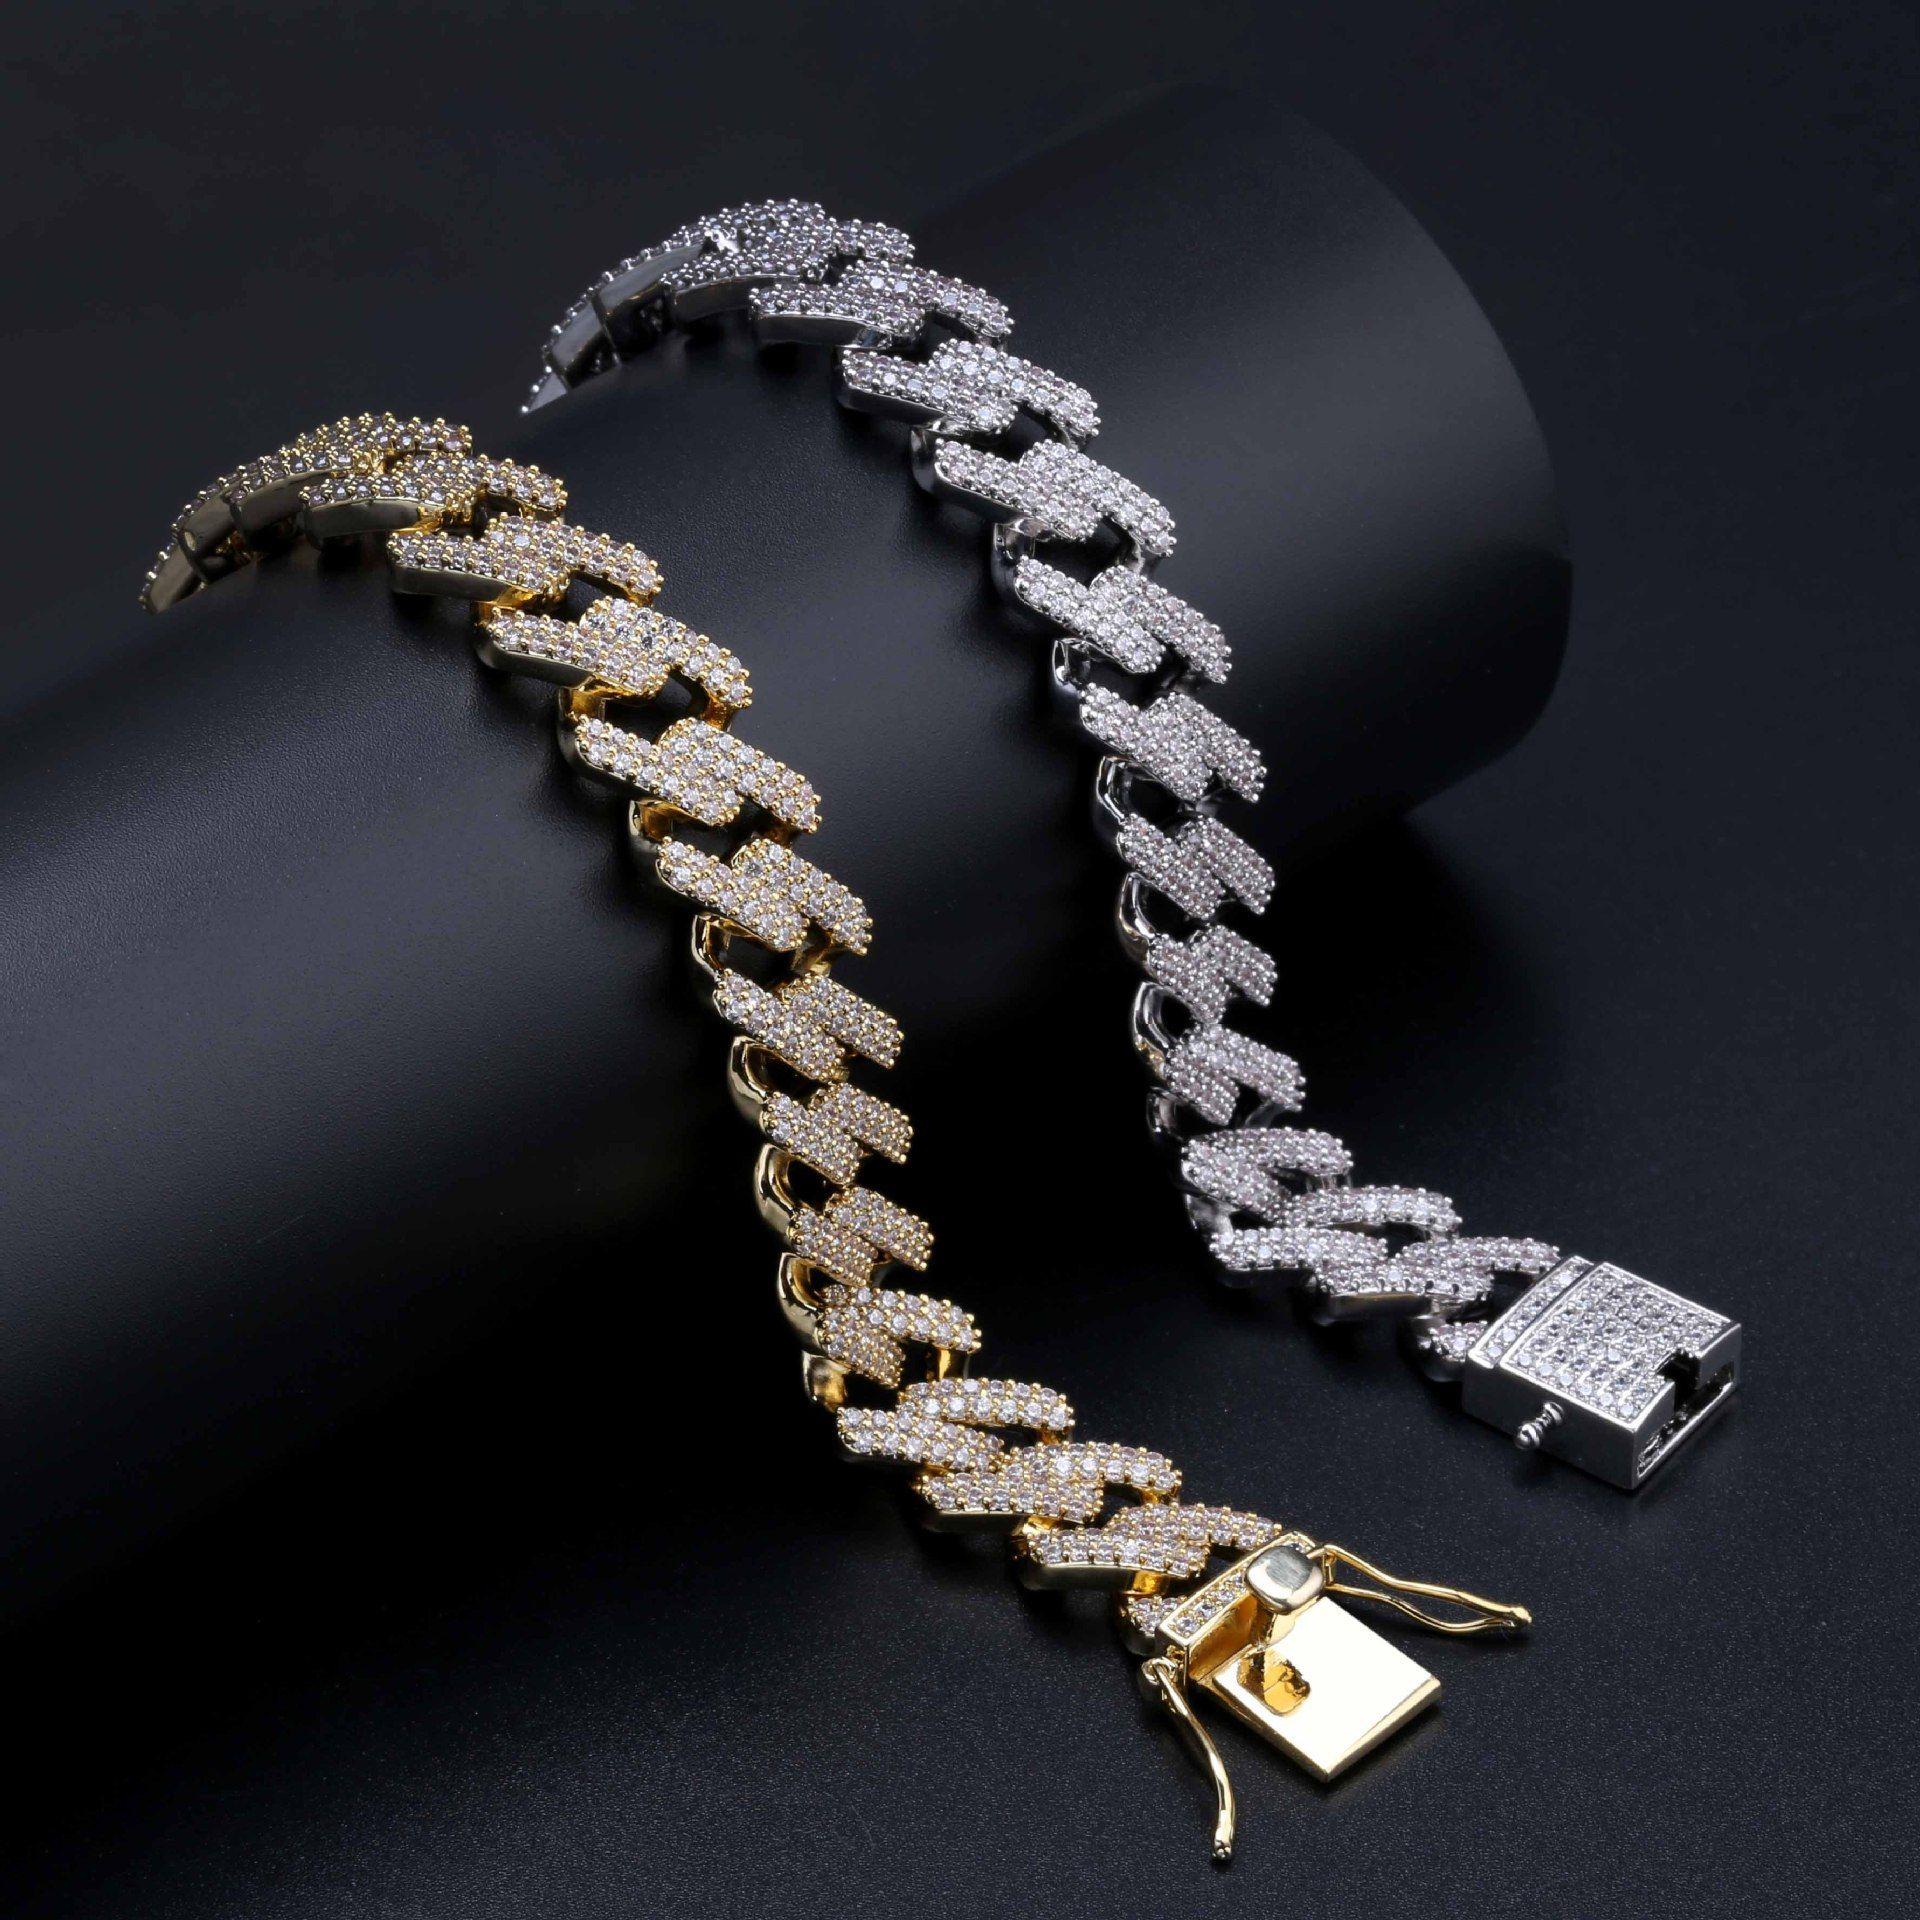 Designer de luxo Bracelet 14MM cubana Chain Link Hip Hop Jóias Mens Pulseiras pour hommes Iced Out Diamante Bangle Rapper amor encanto Hiphop